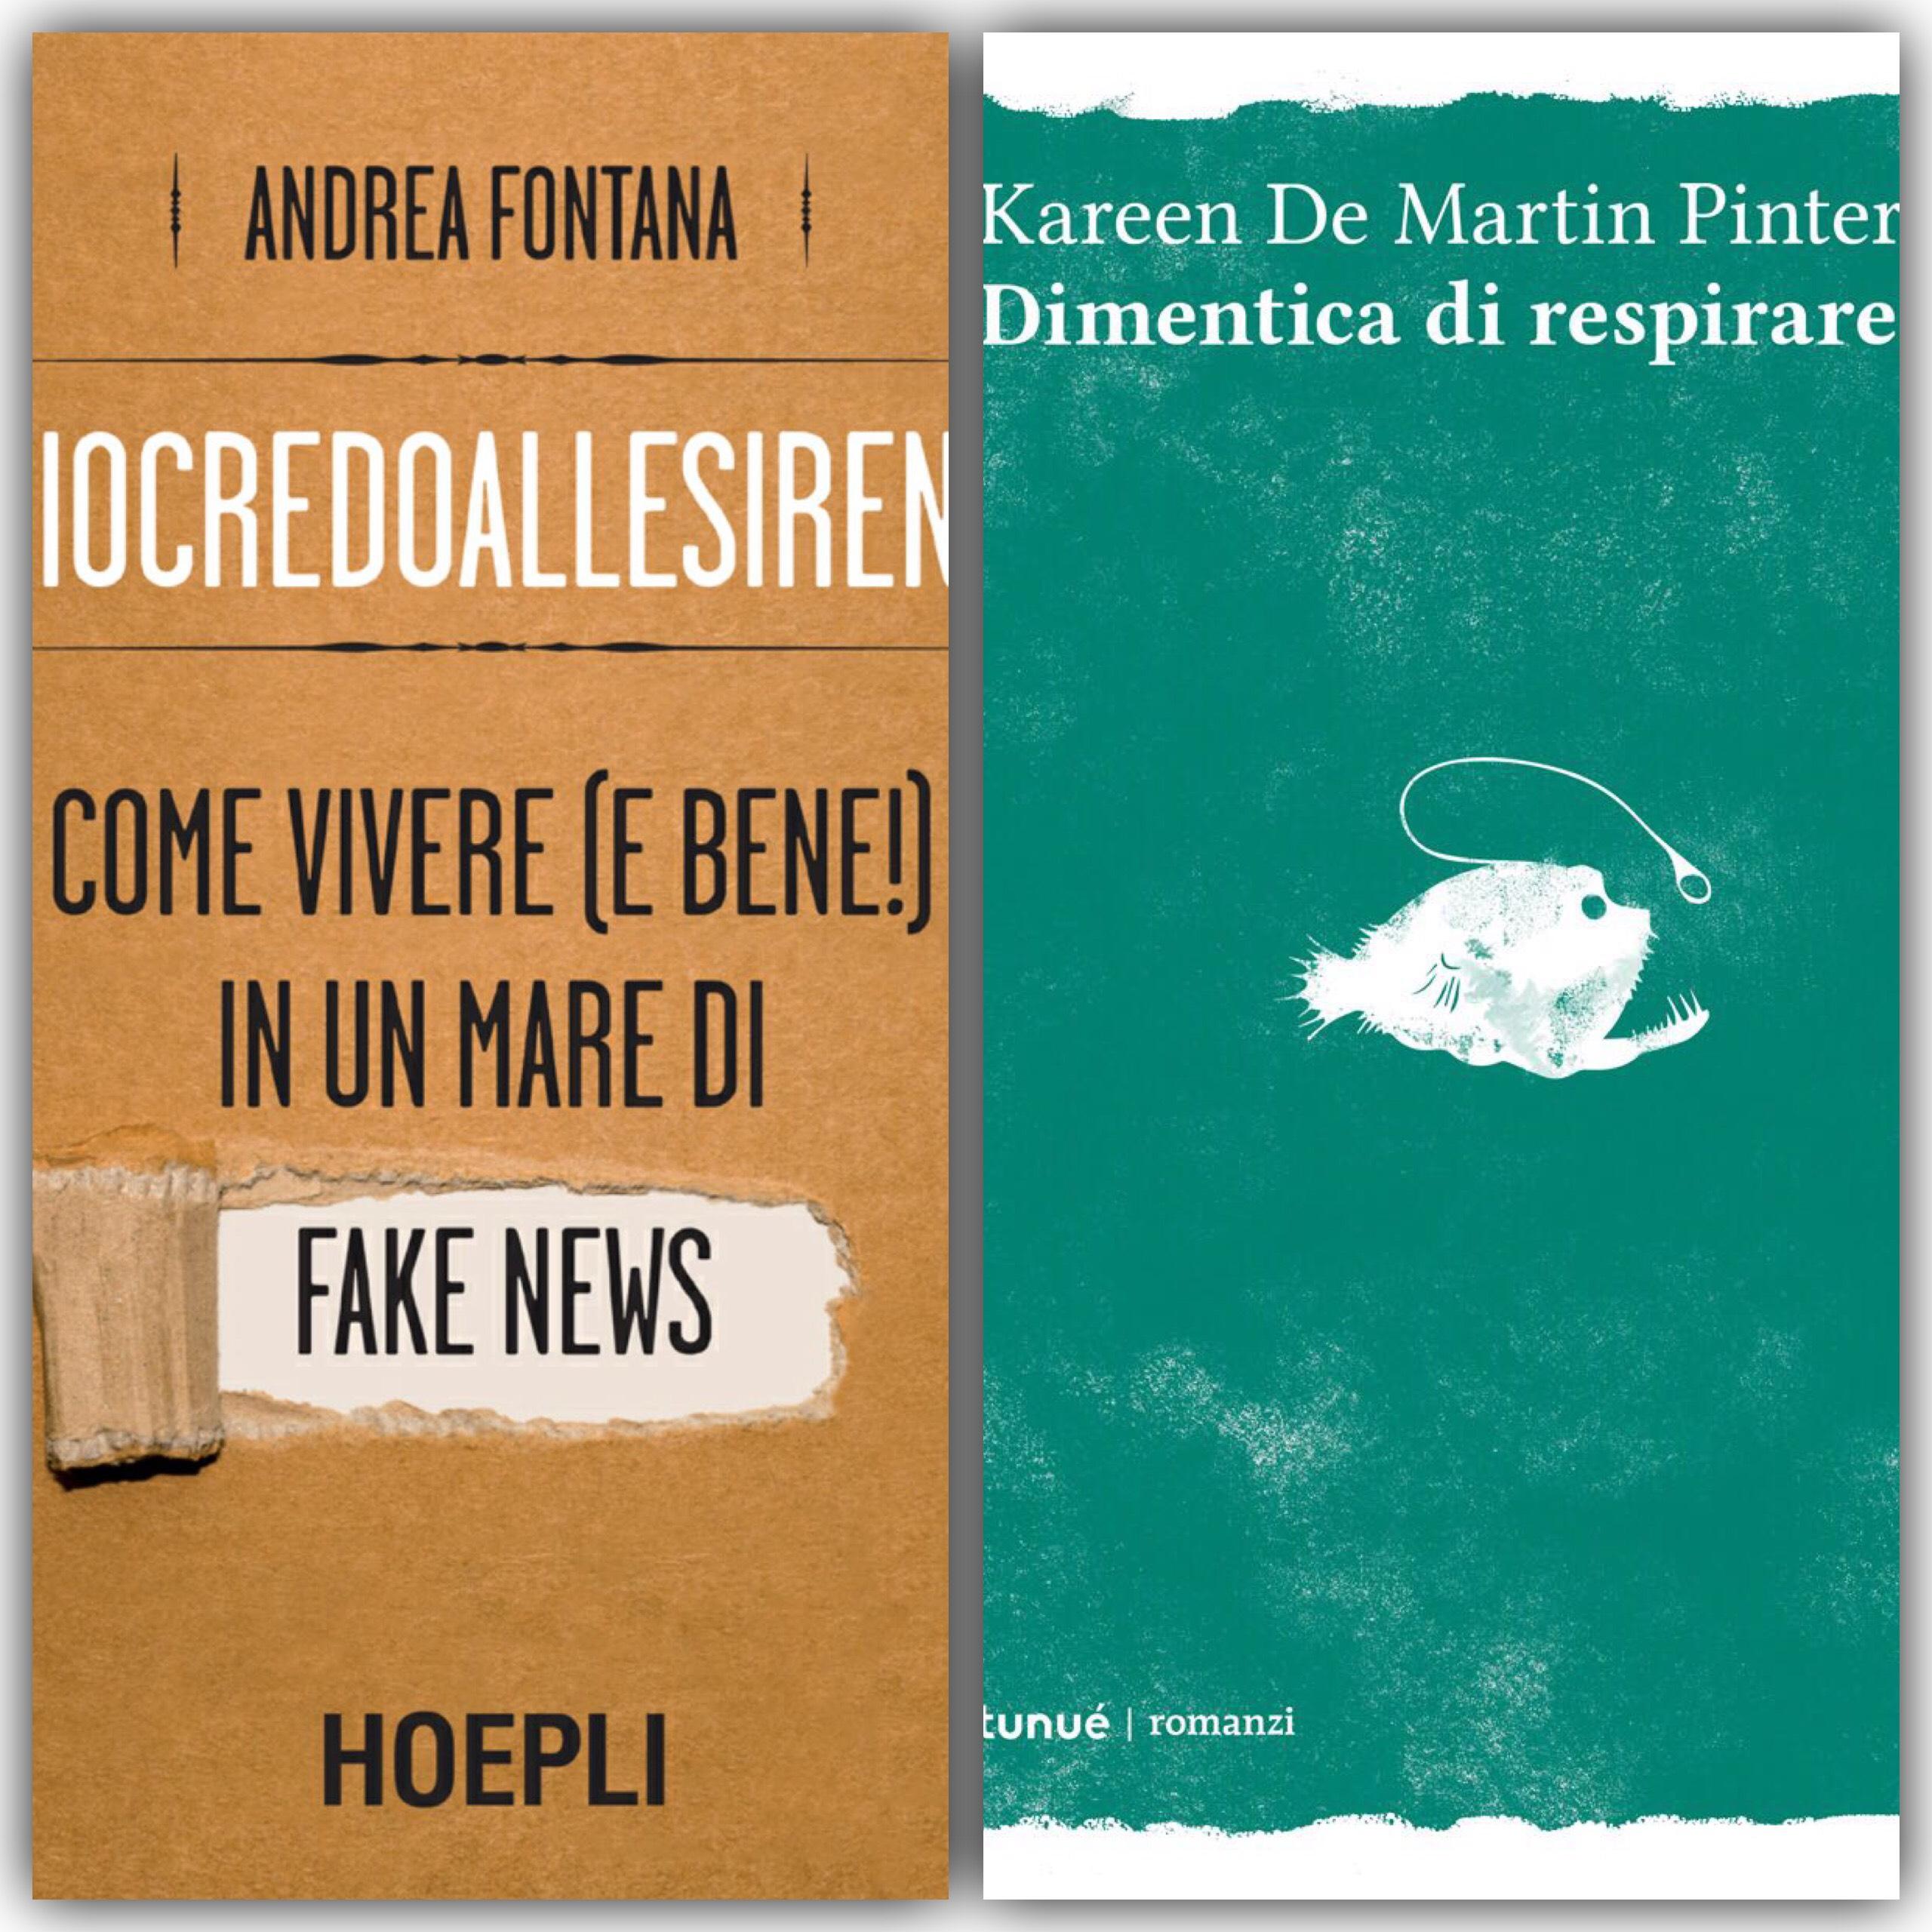 Libri a Colacione 16 giugno 2018